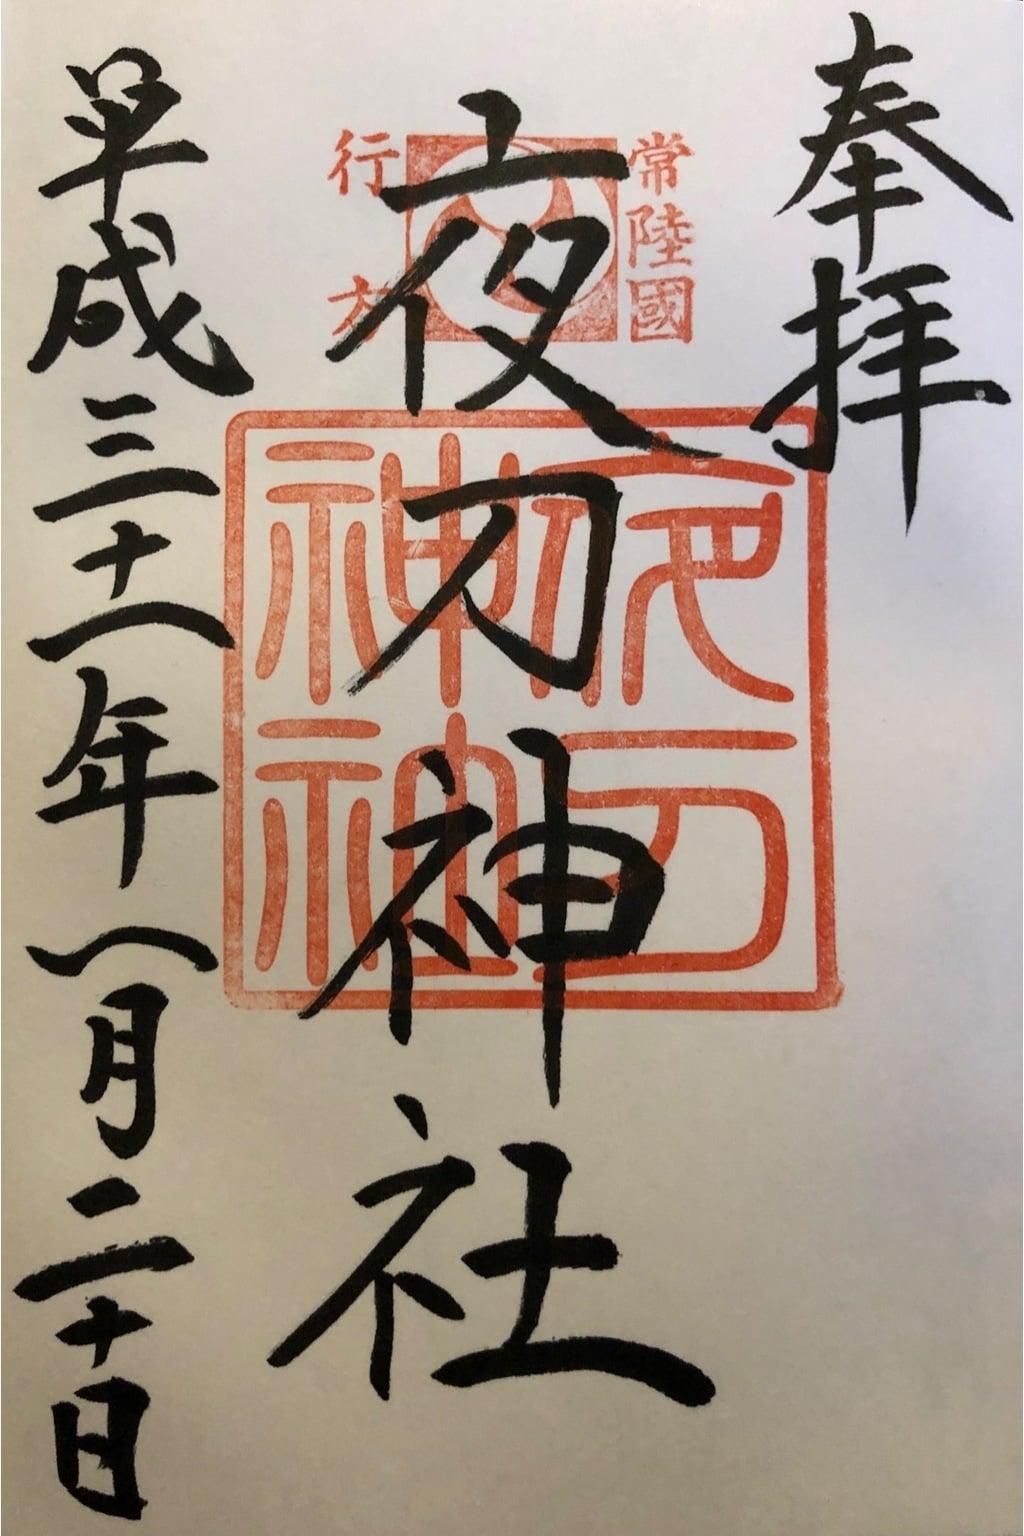 夜刀神社(愛宕神社境内社)の御朱印